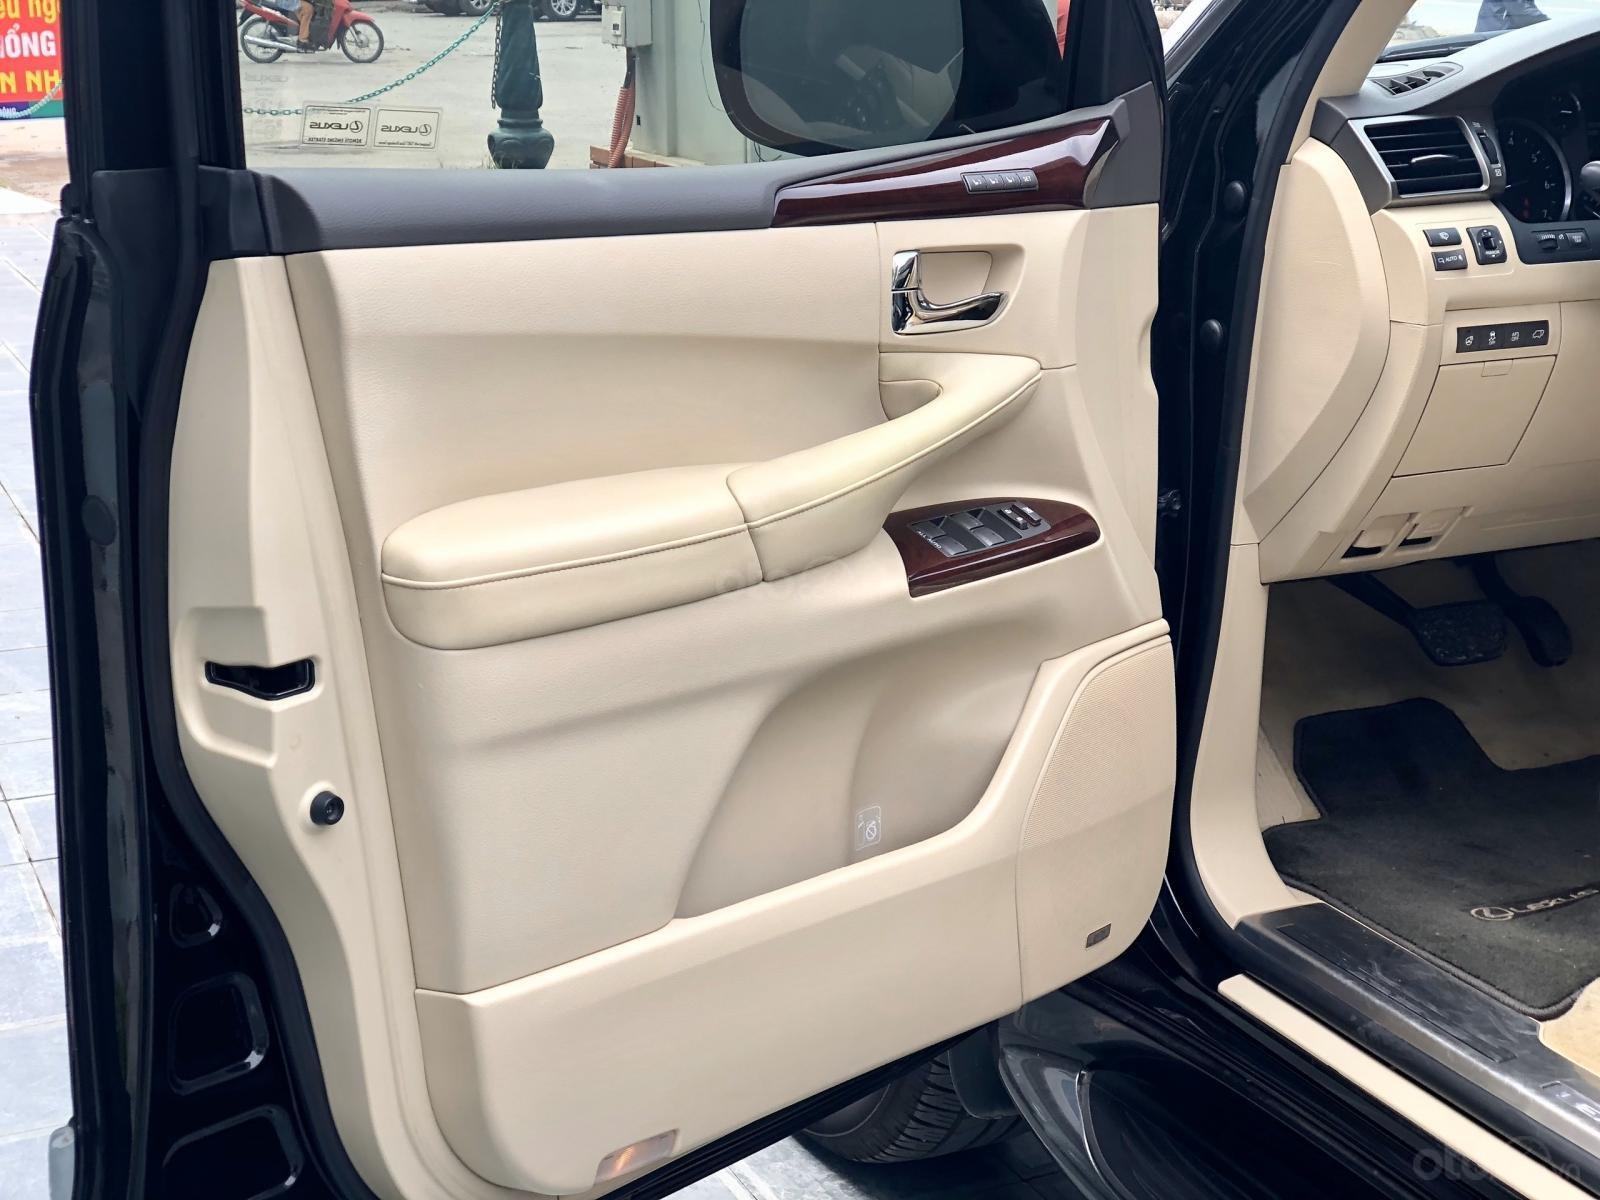 Bán ô tô Lexus LX 570 nhập Mỹ đời 2014, màu đen, xe nhập Mỹ, LH 093.996.2368 Ms Ngọc Vy (14)